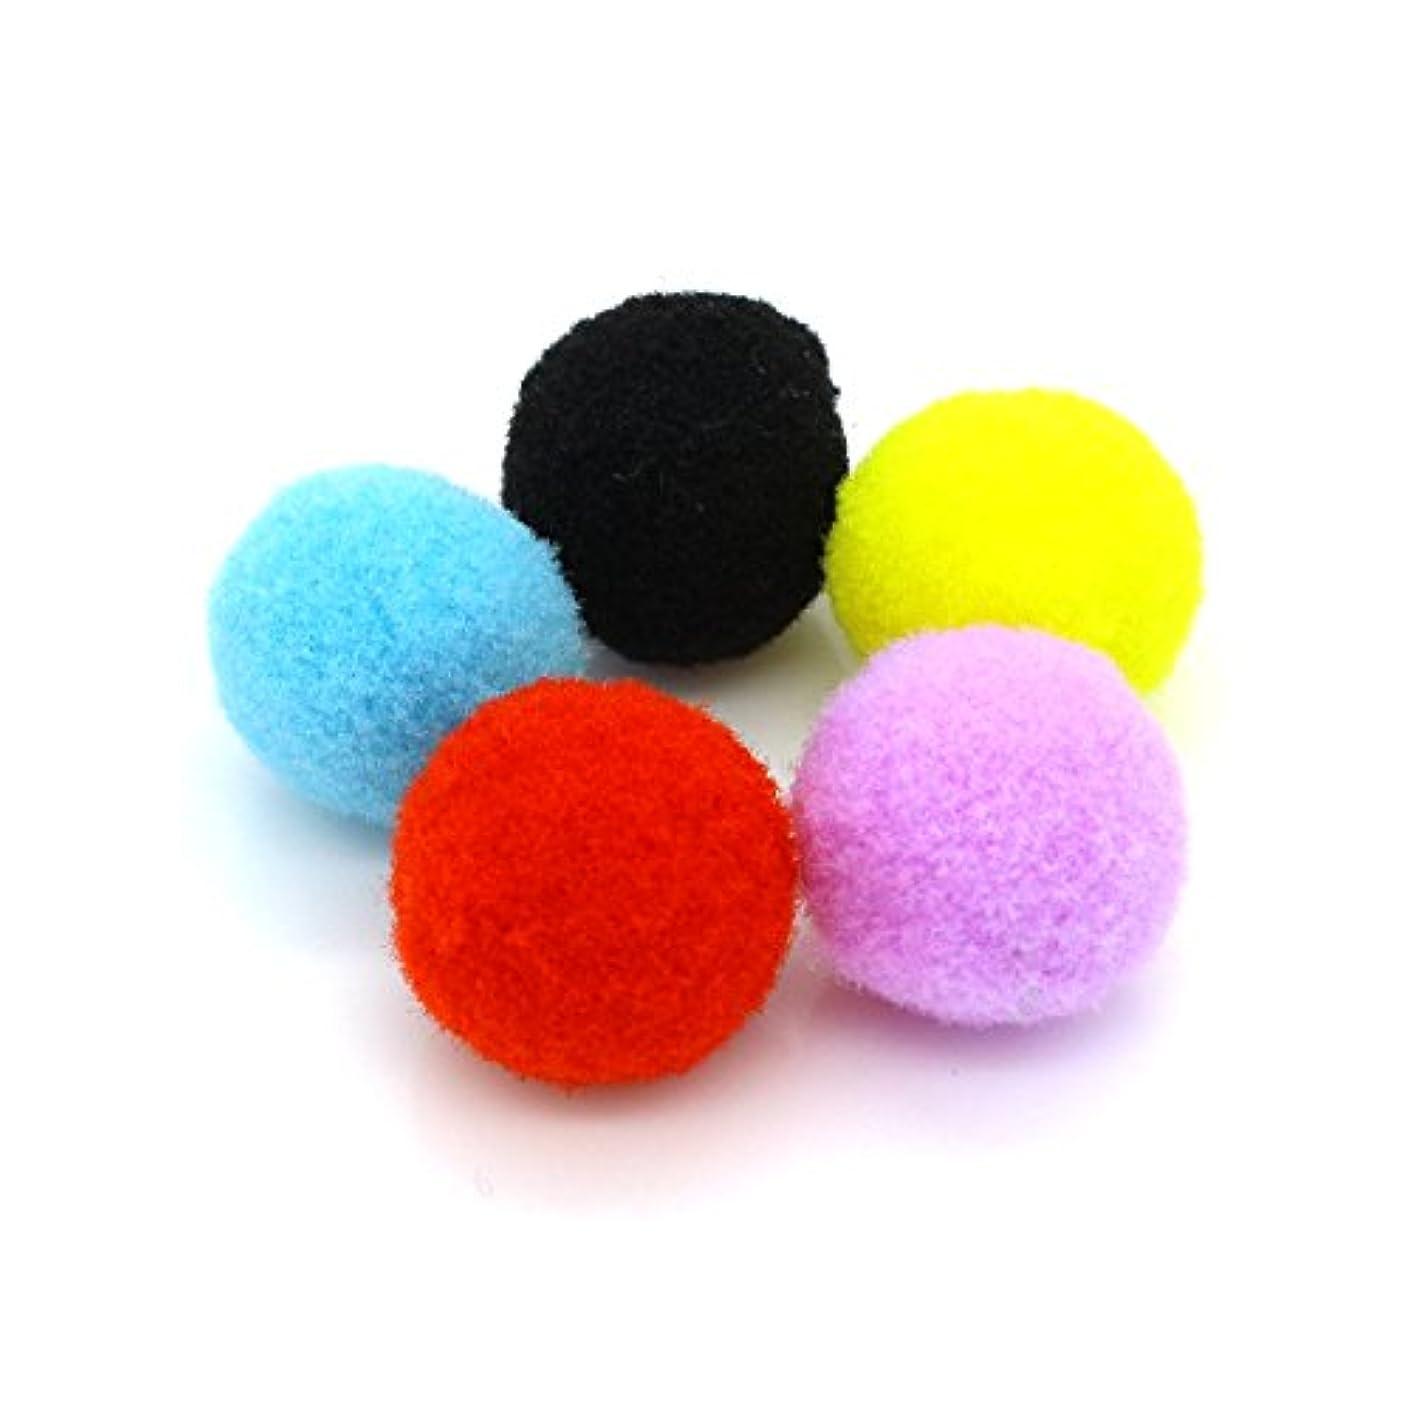 ポケット振り返るパッド50個MixカラーコットンボールAromatherapy Essential Oil Diffuserロケットペンダントネックレス15 mm 20 mm 25 mm